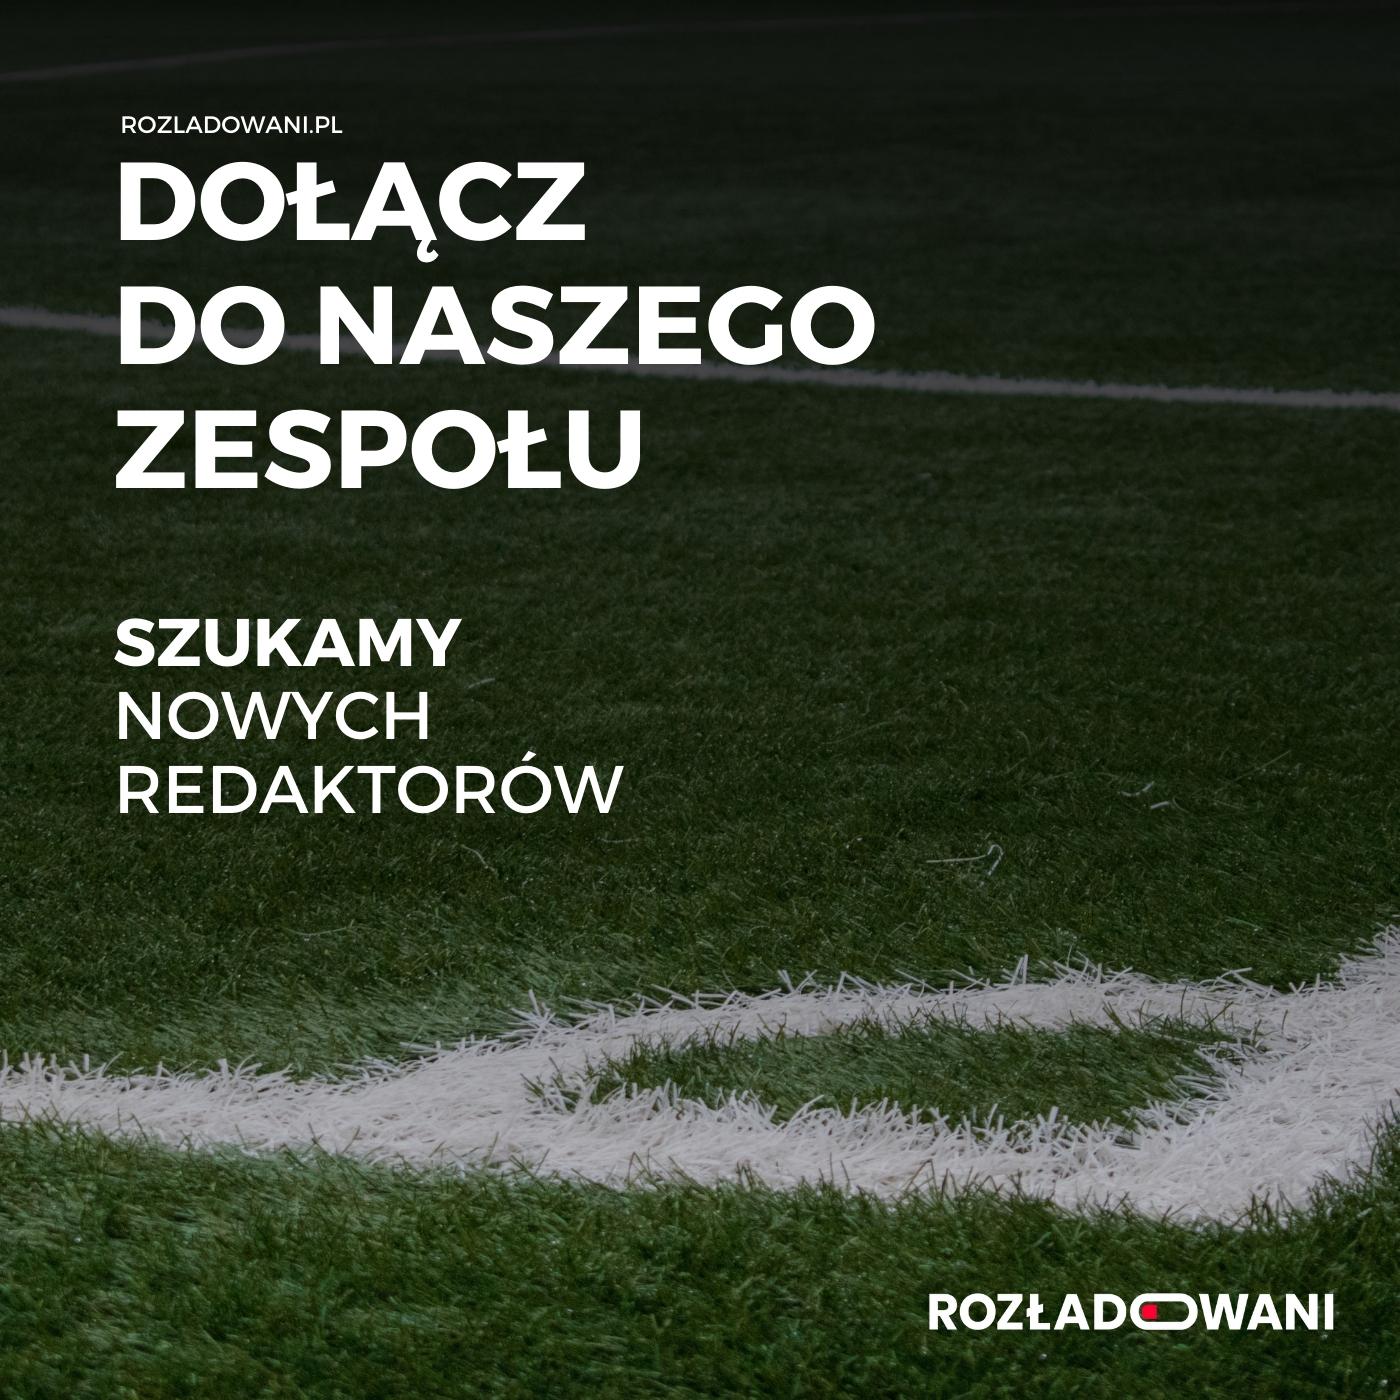 Szukamy redaktorów do Rozładowani.pl